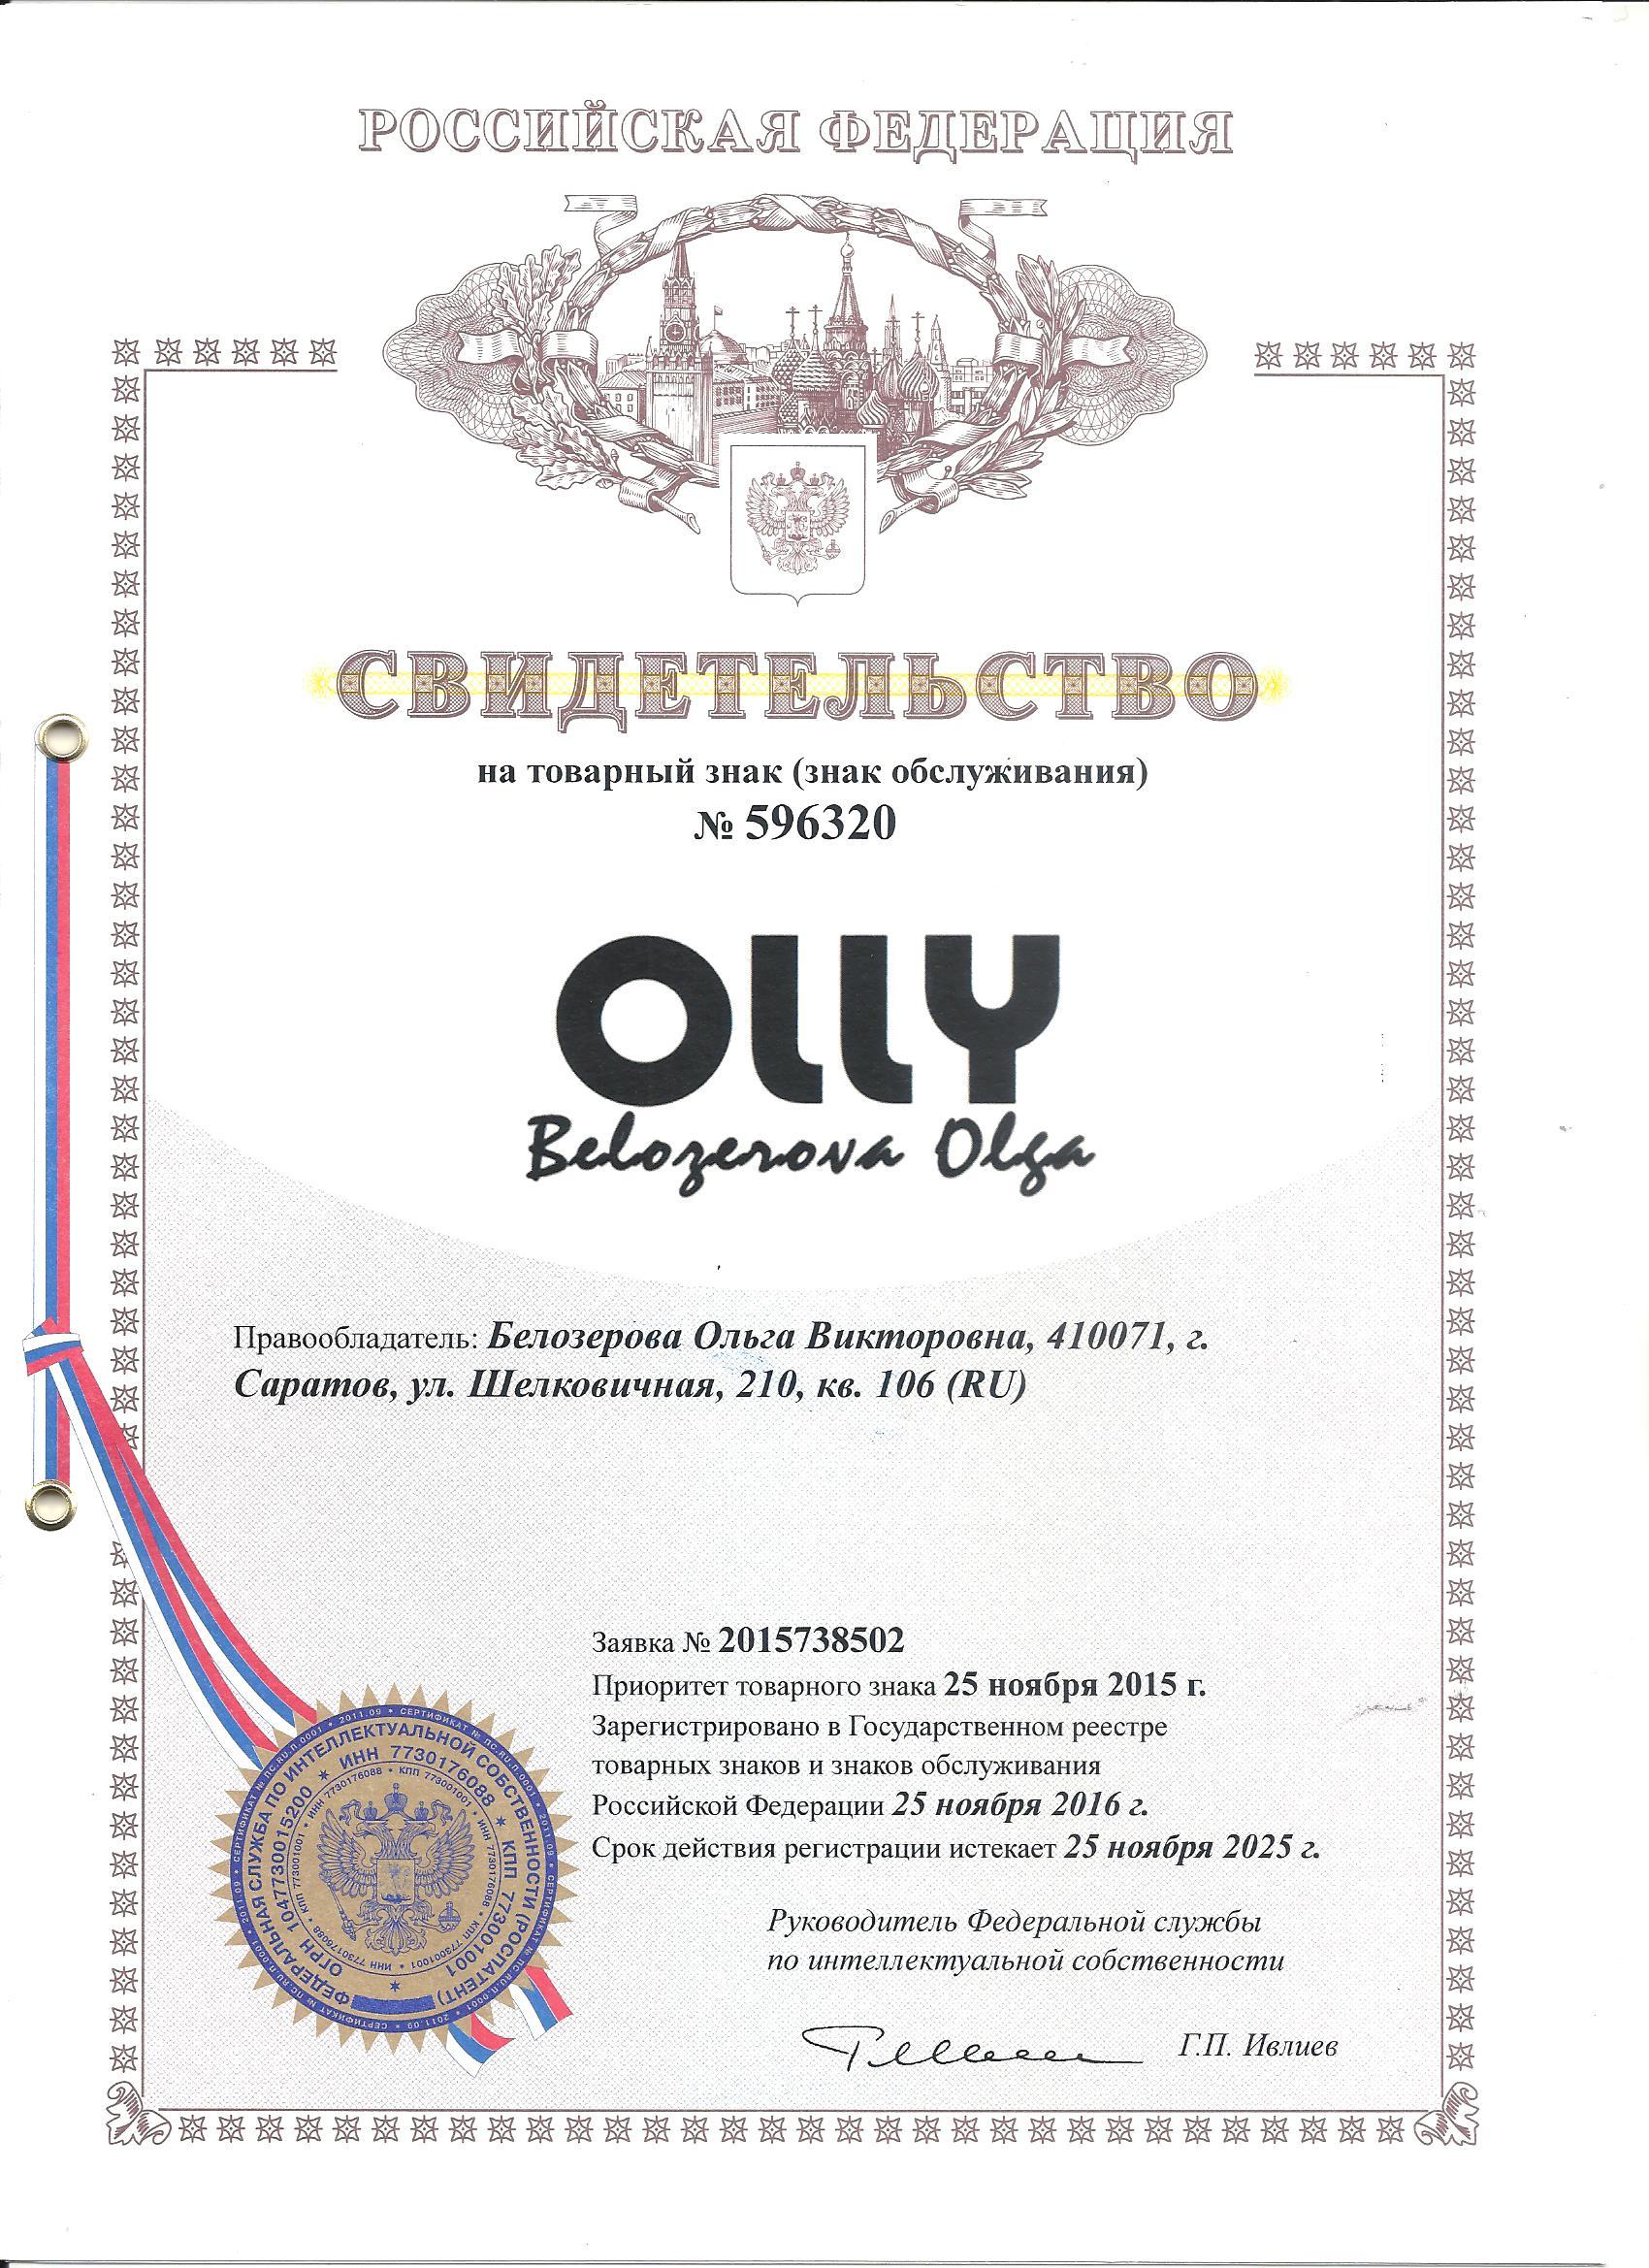 olly-001